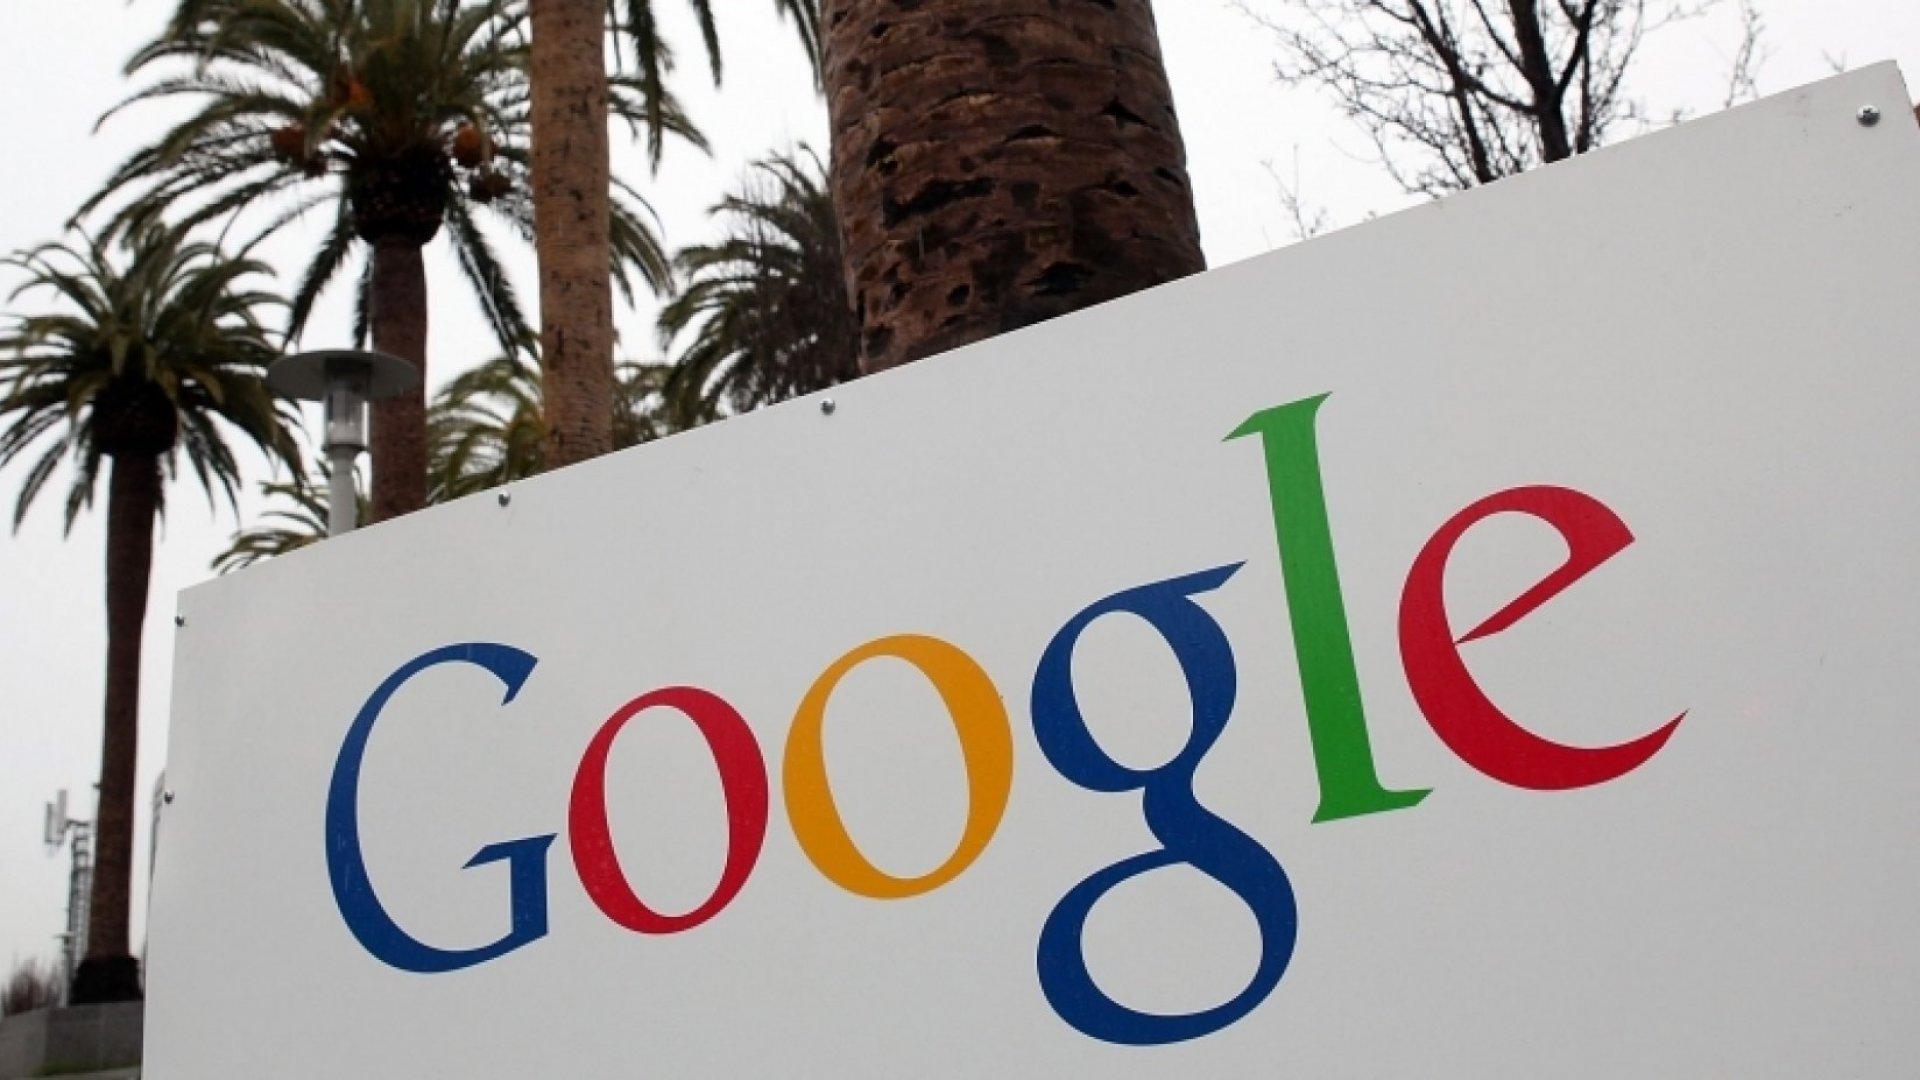 Google Rebrands as Alphabet